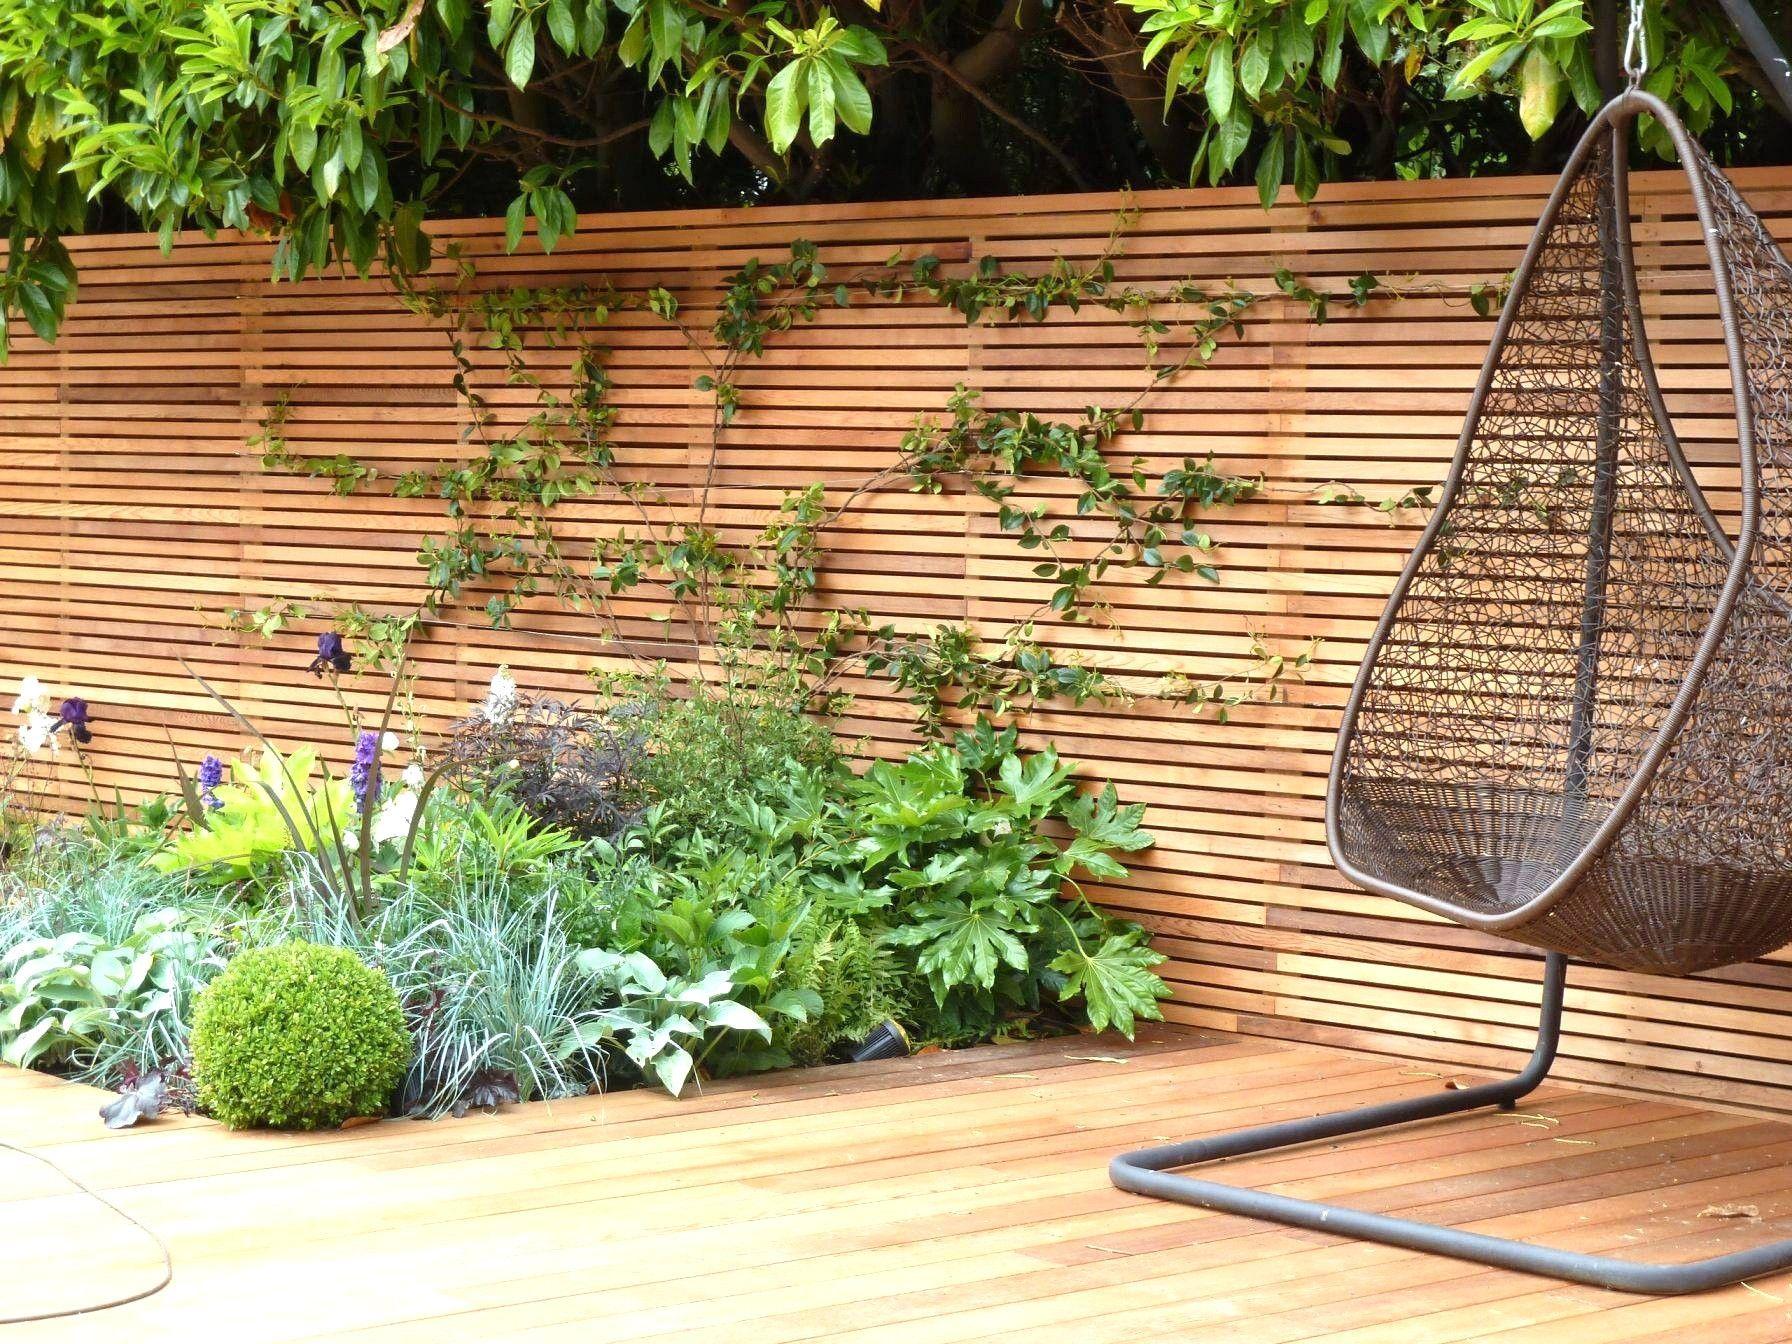 Oberteil 40 Für Bauhaus Sichtschutz Holz Gartendesign